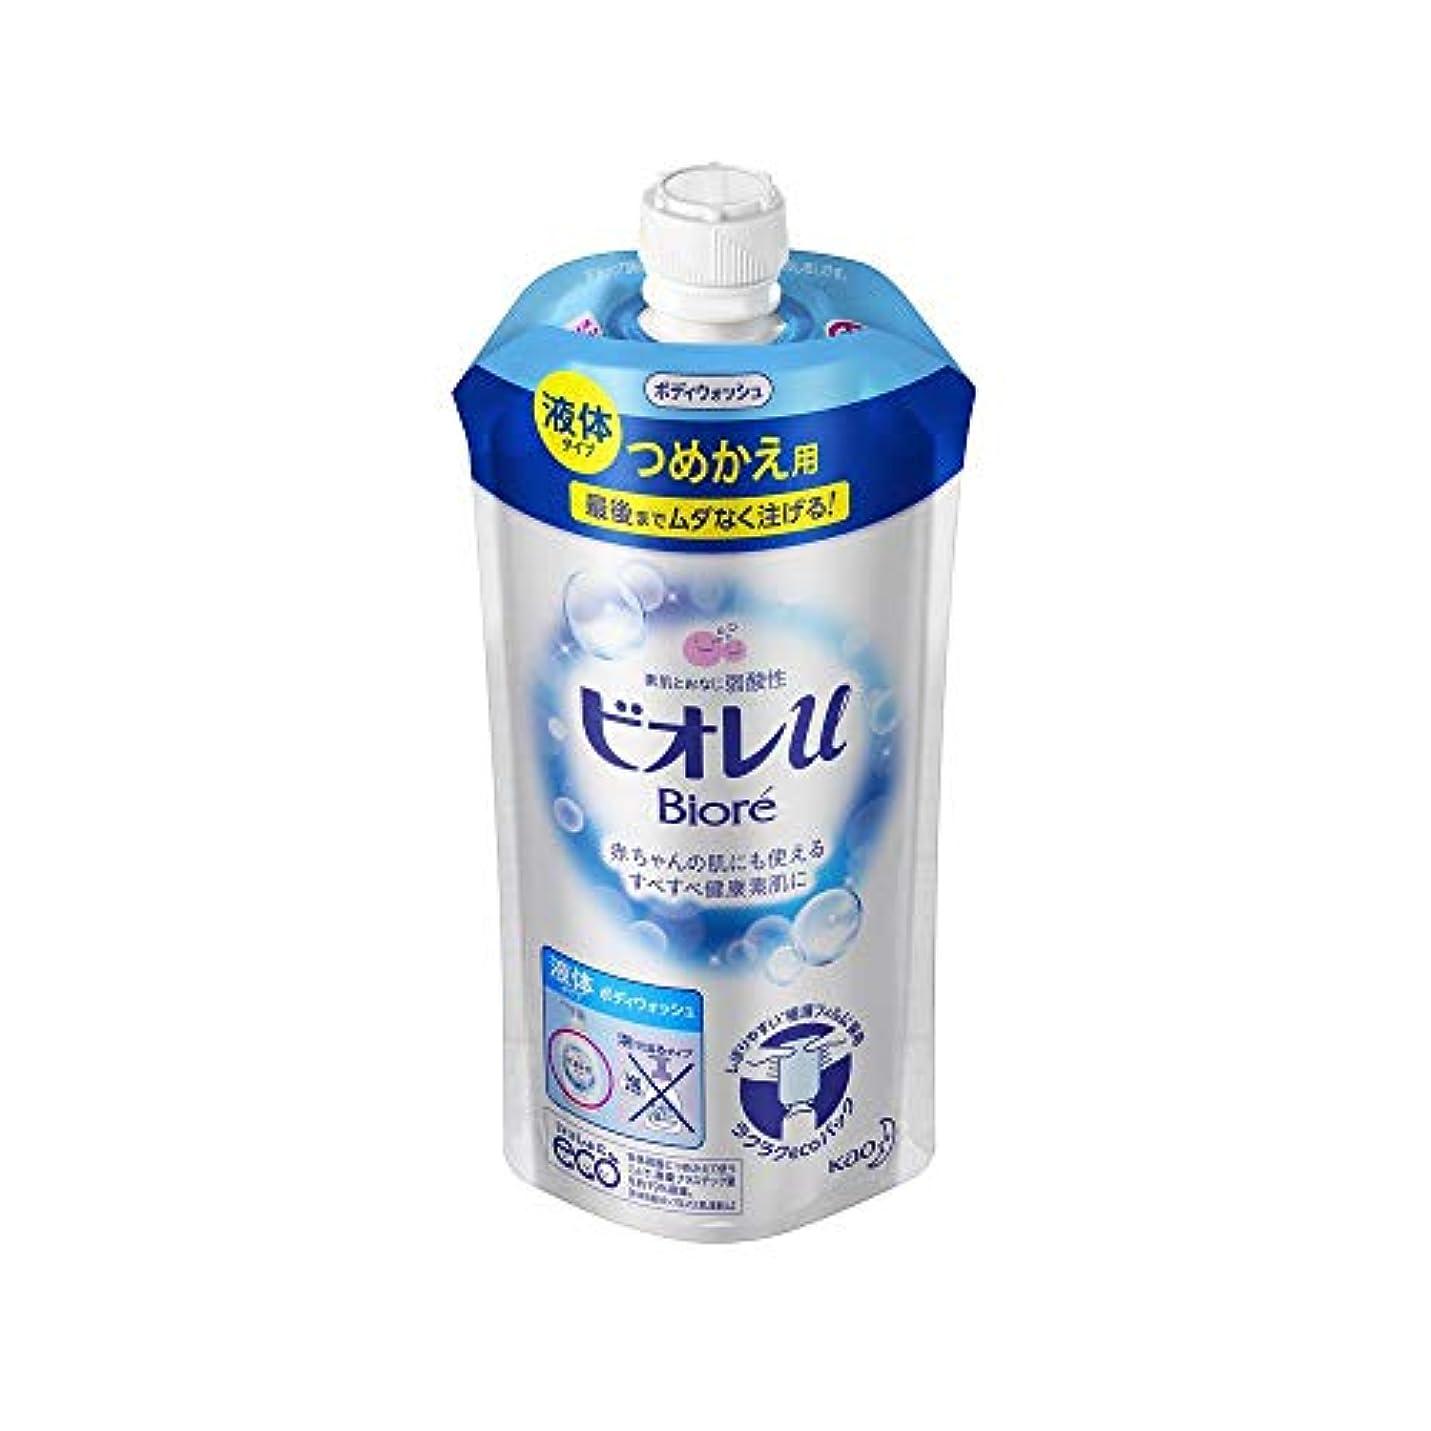 柔らかさ麻酔薬フォルダ花王 ビオレu つめかえ用 340ML